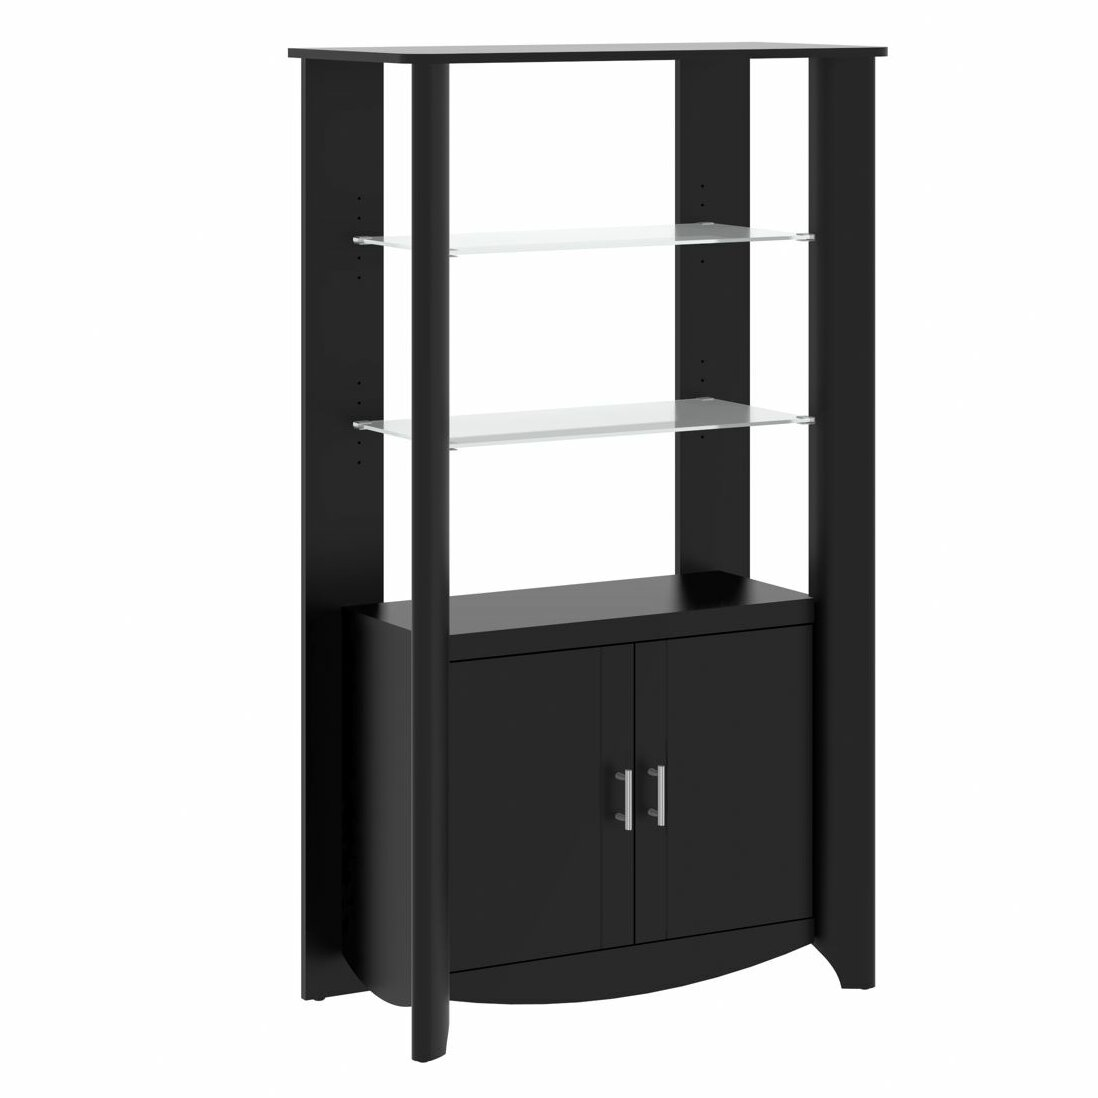 Latitude run wentworth 2 door storage cabinet reviews for Wayfair kitchen cabinets